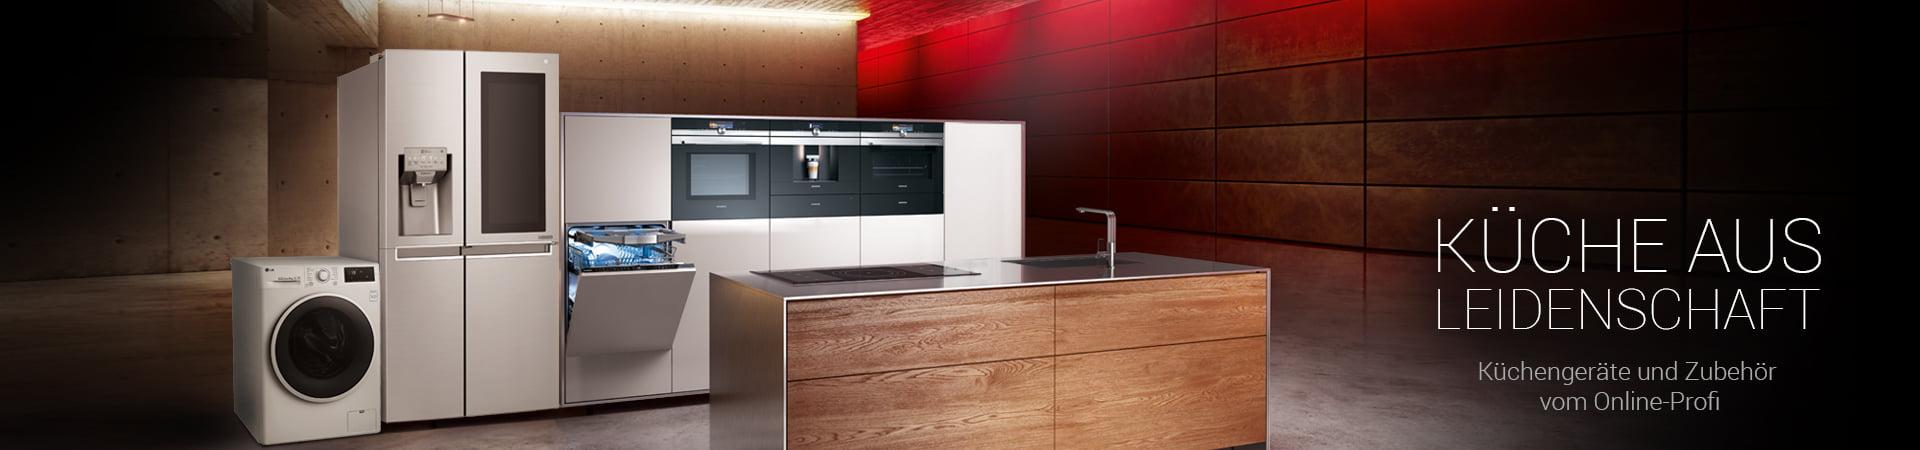 Küchengeräte & Zubehör online shoppen | moebelplus